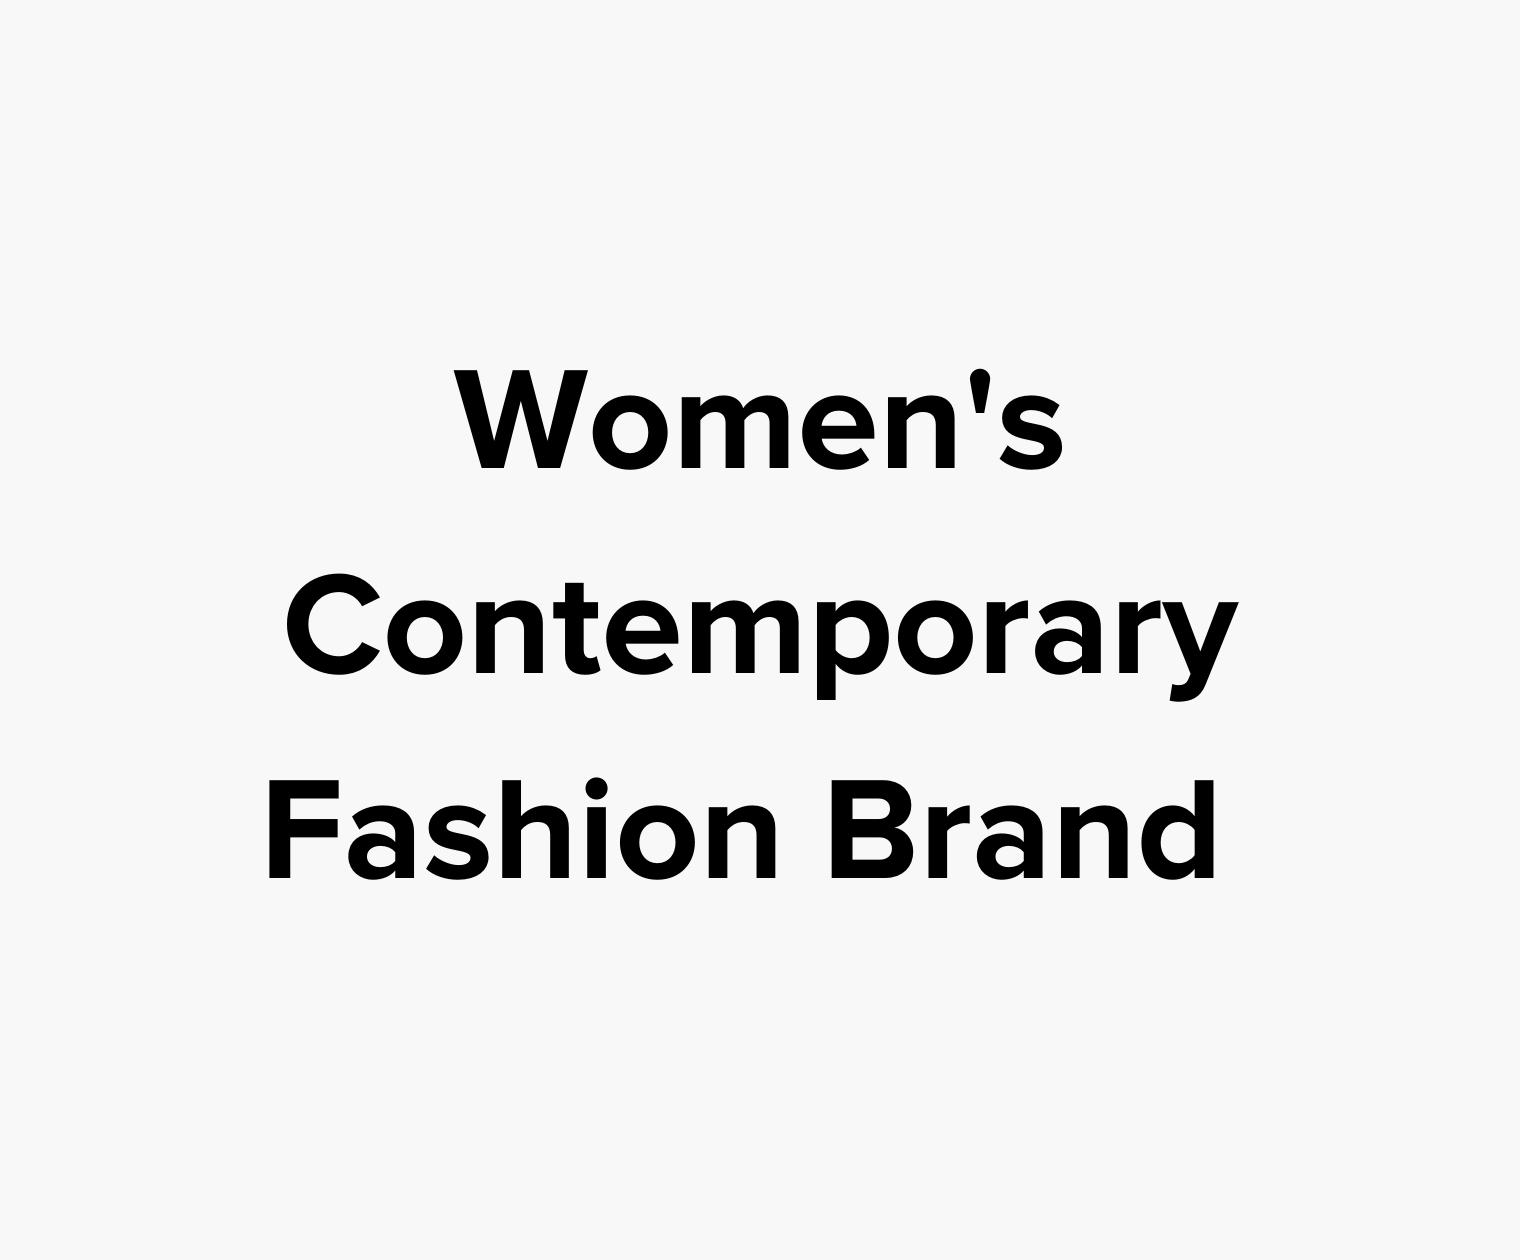 Women's Contemporary Fashion Brand